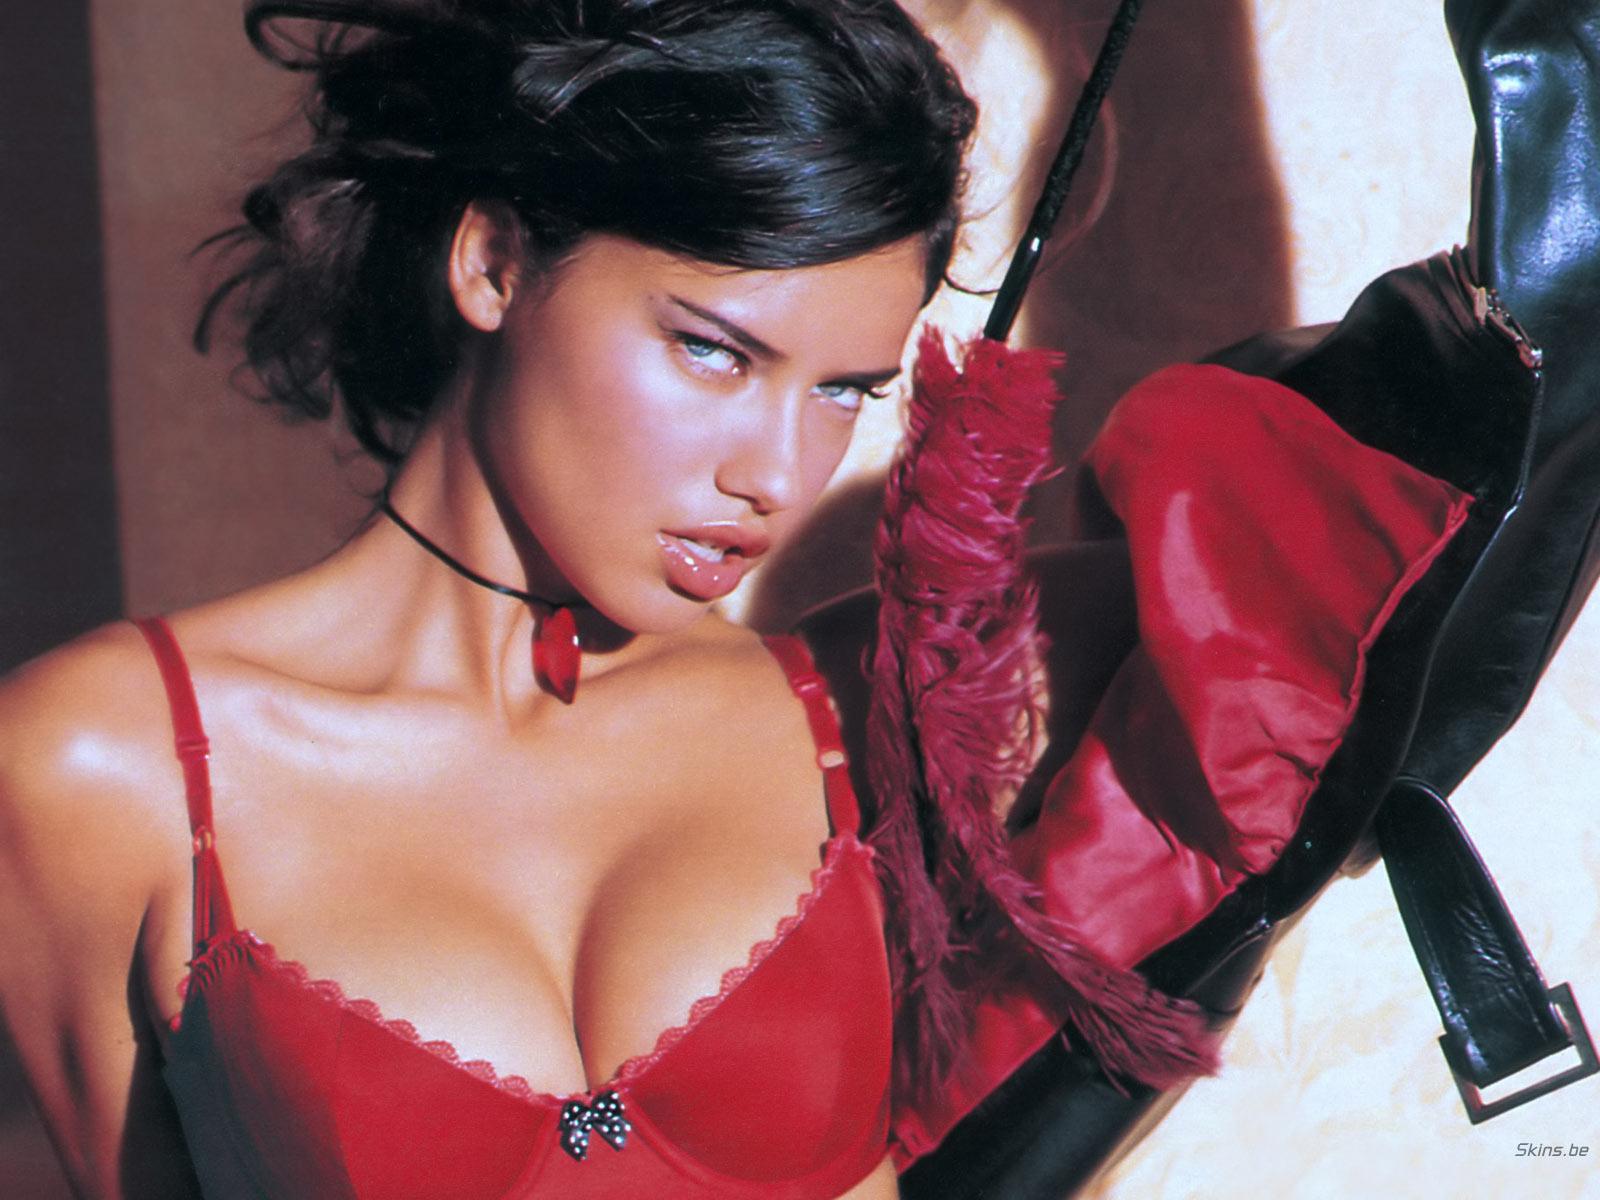 http://4.bp.blogspot.com/-FjiiPRG-djU/TmR2NY684xI/AAAAAAAALL4/IuU8AdGYEHg/s1600/adriana-lima-hot-wallpaper+%25283%2529.jpg